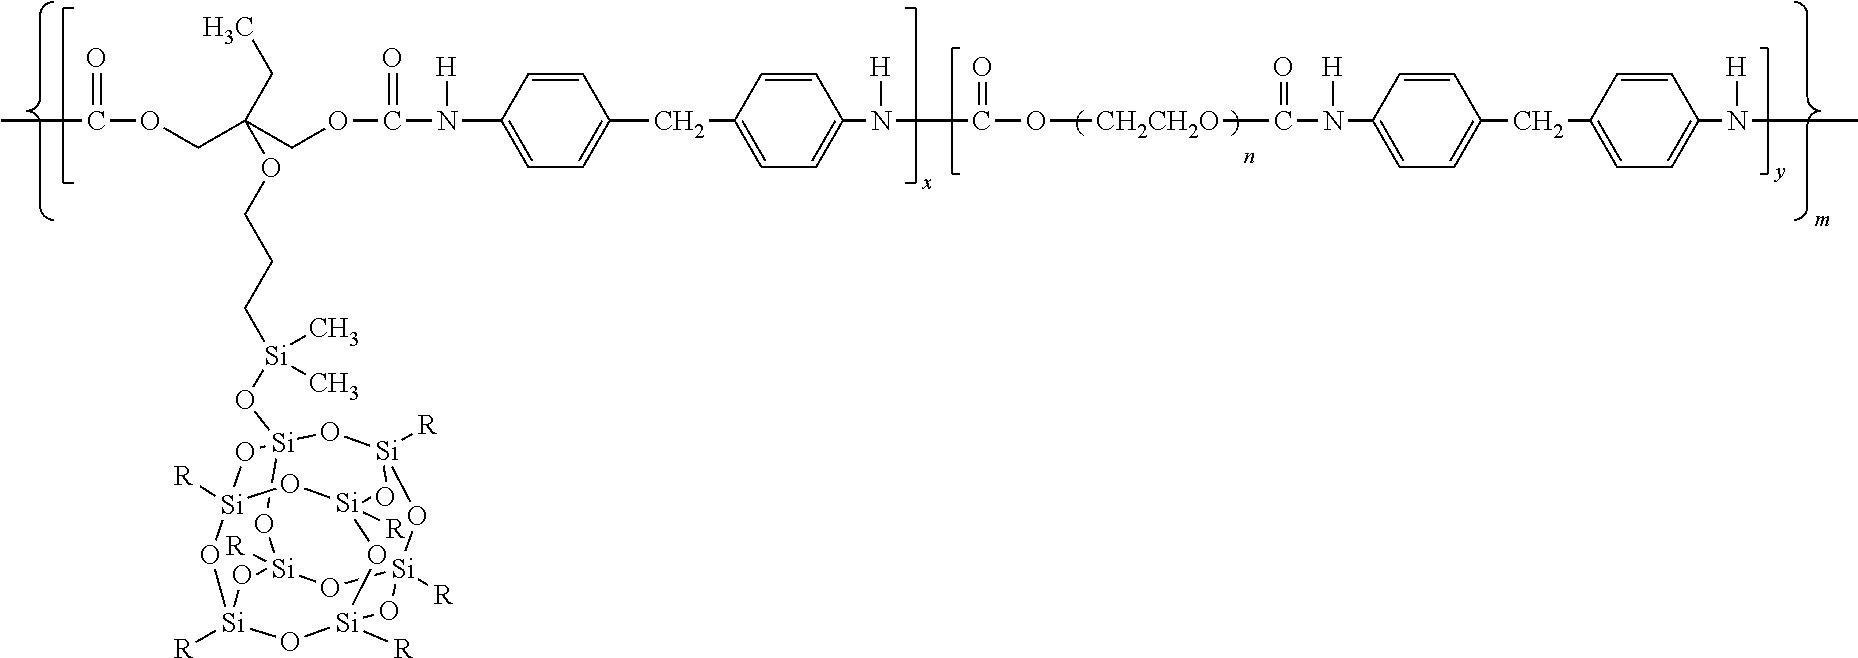 Figure US20100331954A1-20101230-C00004